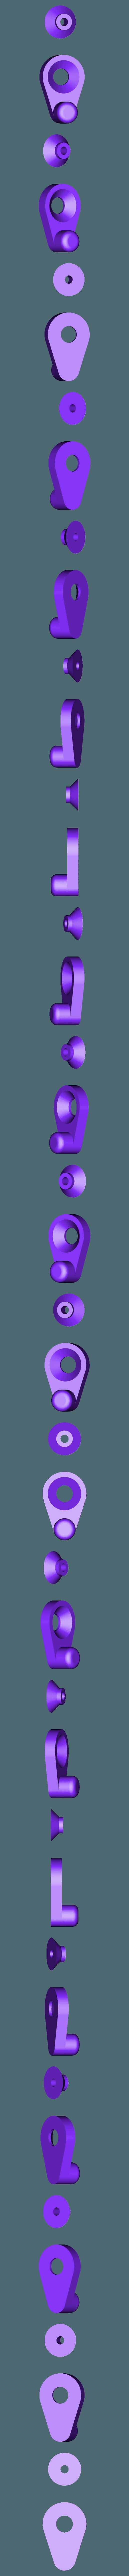 latch.stl Télécharger fichier STL gratuit loquet de rotation • Modèle à imprimer en 3D, kakiemon